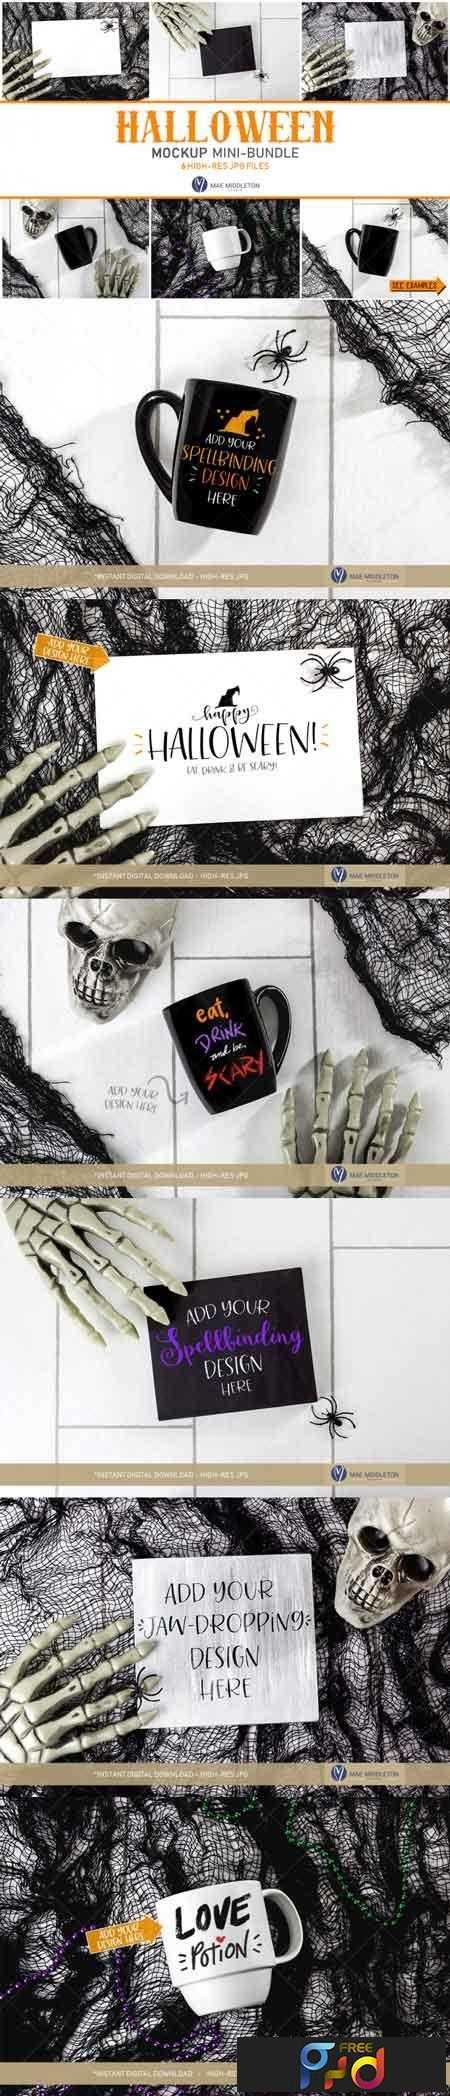 1811263 Halloween Mockup - Mini-bundle 3482400 1